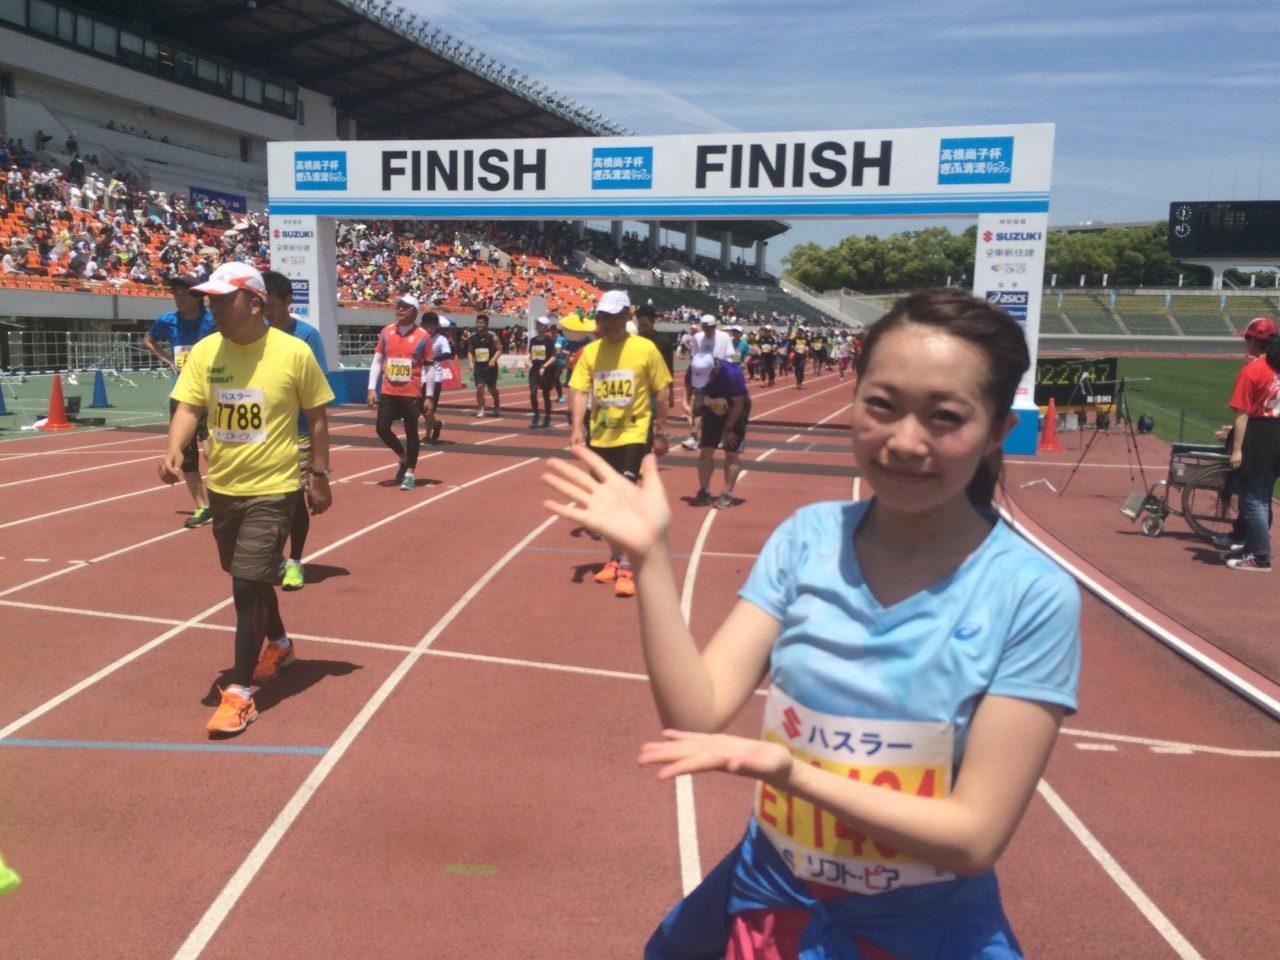 画像3: 速報!ぎふ清流ハーフマラソン、無事完走!